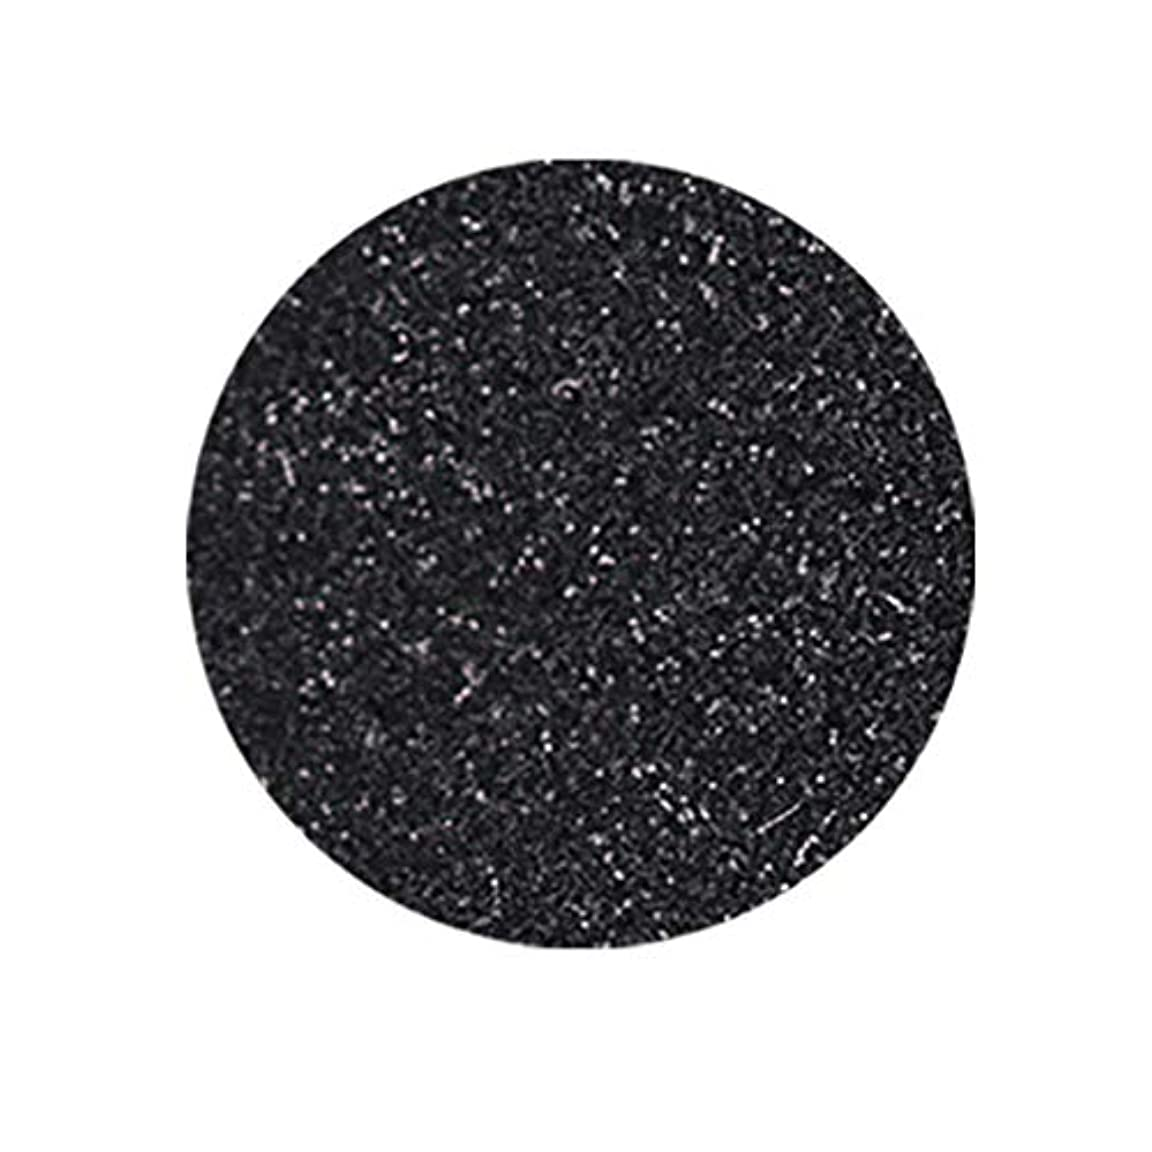 まともな熟した洗剤グリッターシュガーパウダー【ブラック】シュガー ラメ 偏光パウダー ネイルアート